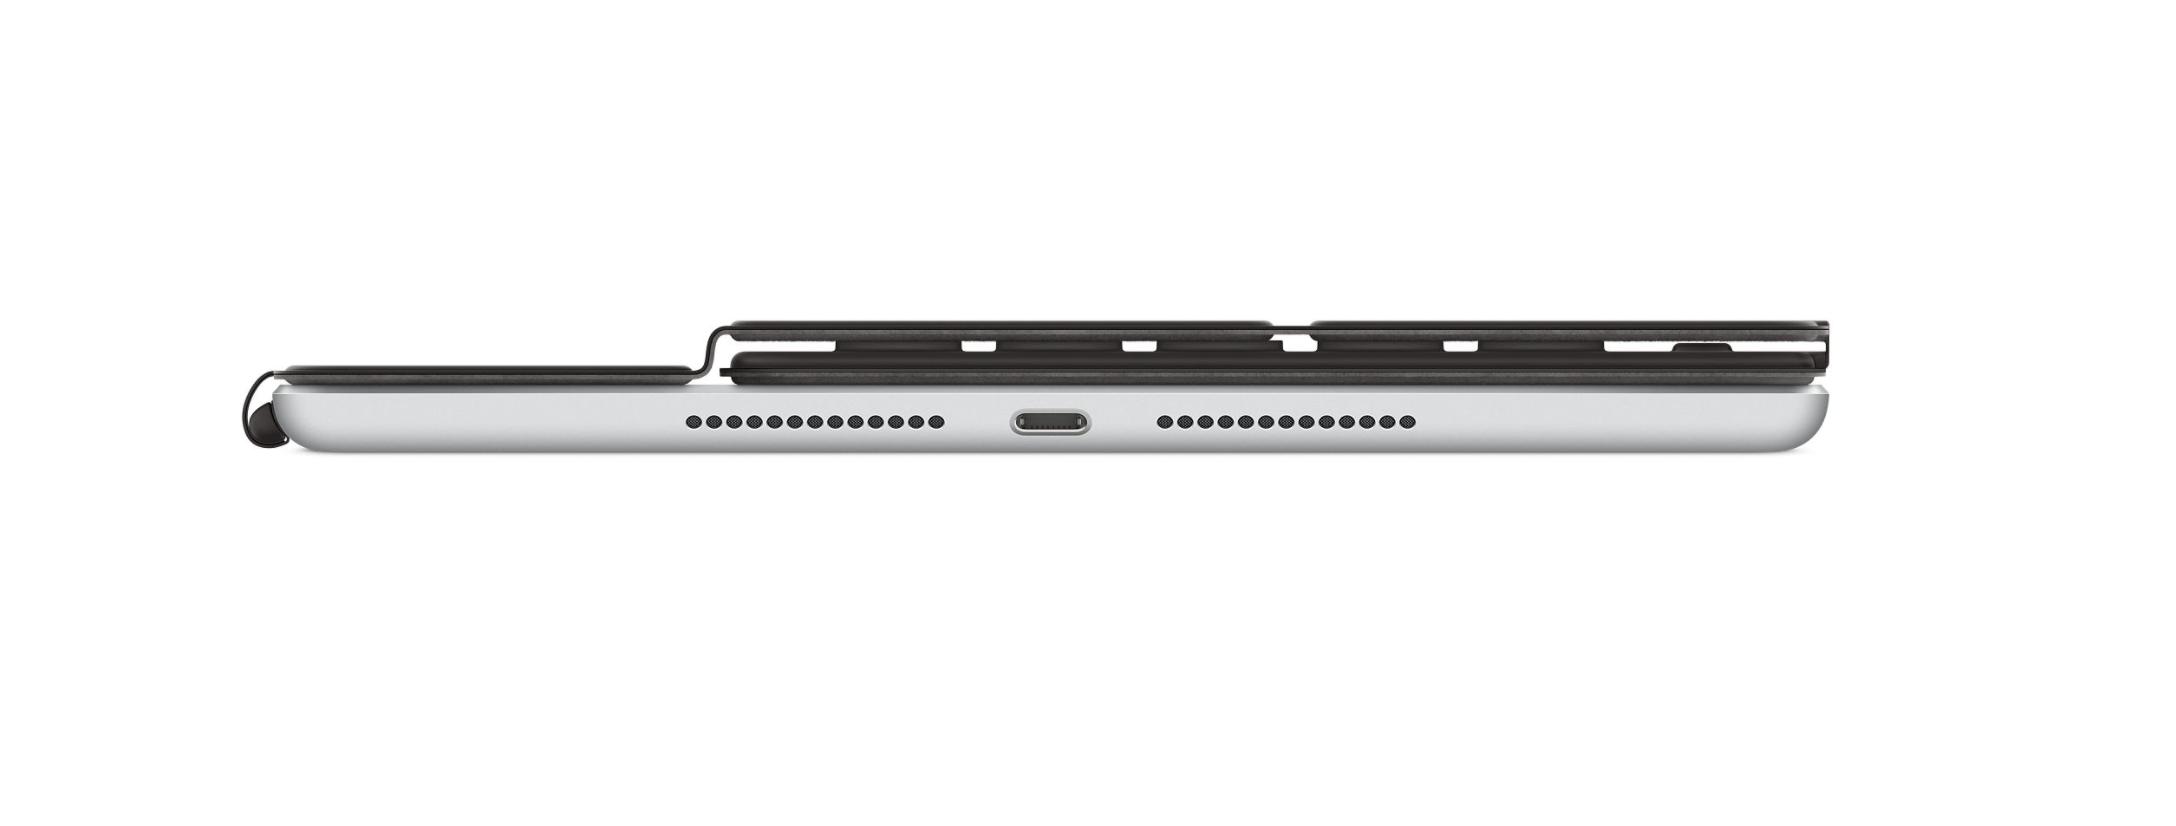 iPad 第8世代とSmartkeyboardを合わせて約3cmほど